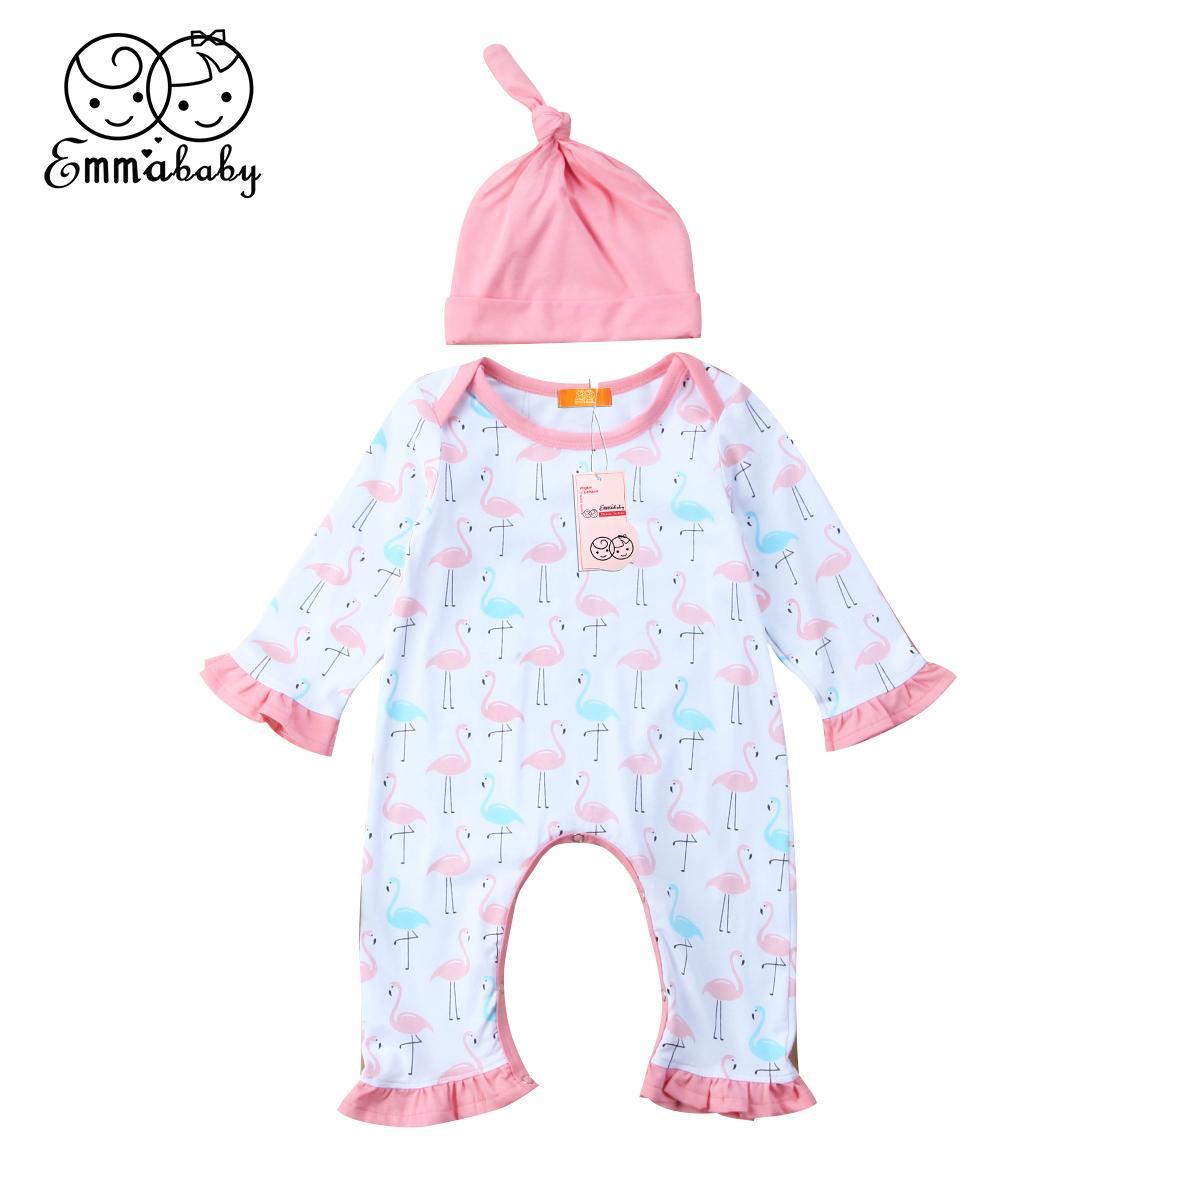 Neue Ankunft Kinderkleidung stellte Nette neugeborene Baby-Kind-Mädchen-Flamingo-Spielanzug + Hut Overall 2pcs nettes Kind Mädchen Cotton Outfits Satz drucken